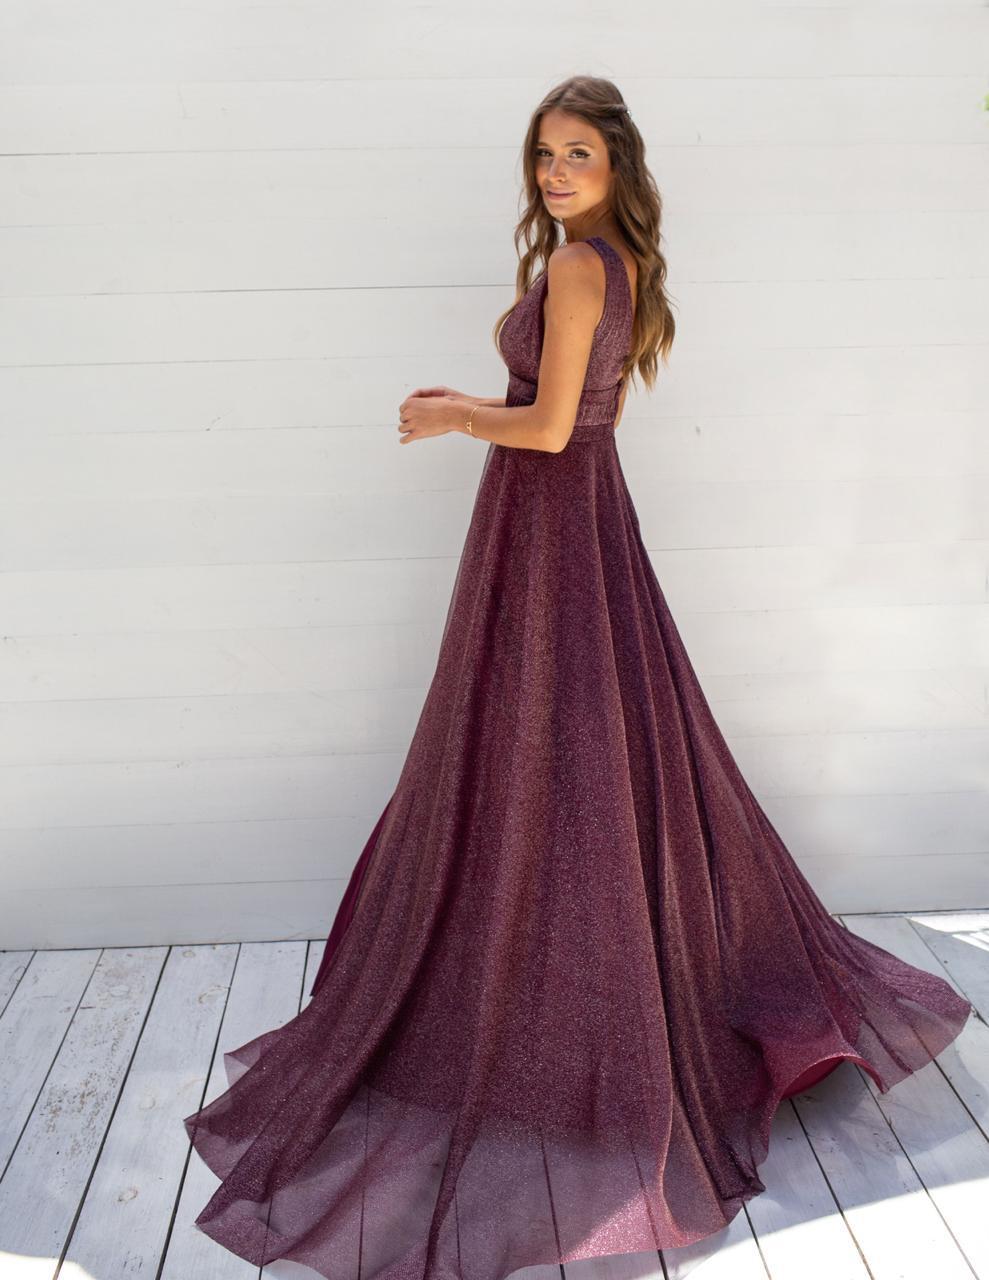 Vestido Hannah  - Empório NM